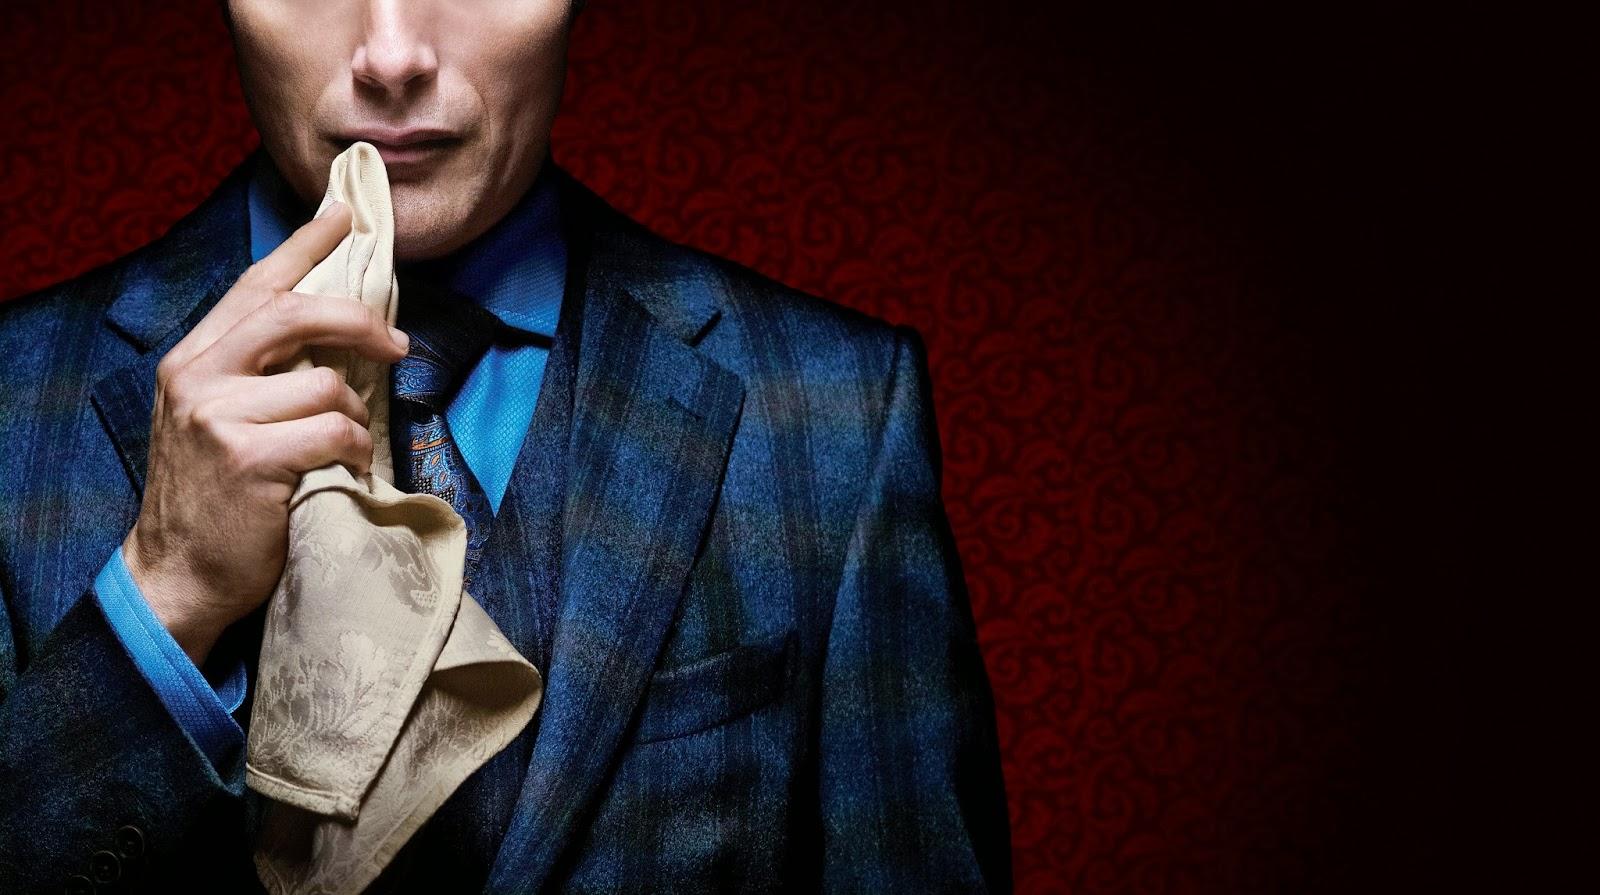 Mads-Mikkelsen-as-Dr-Hannibal-Lecter-hannibal-tv-series-34286207-5000-2796.jpg